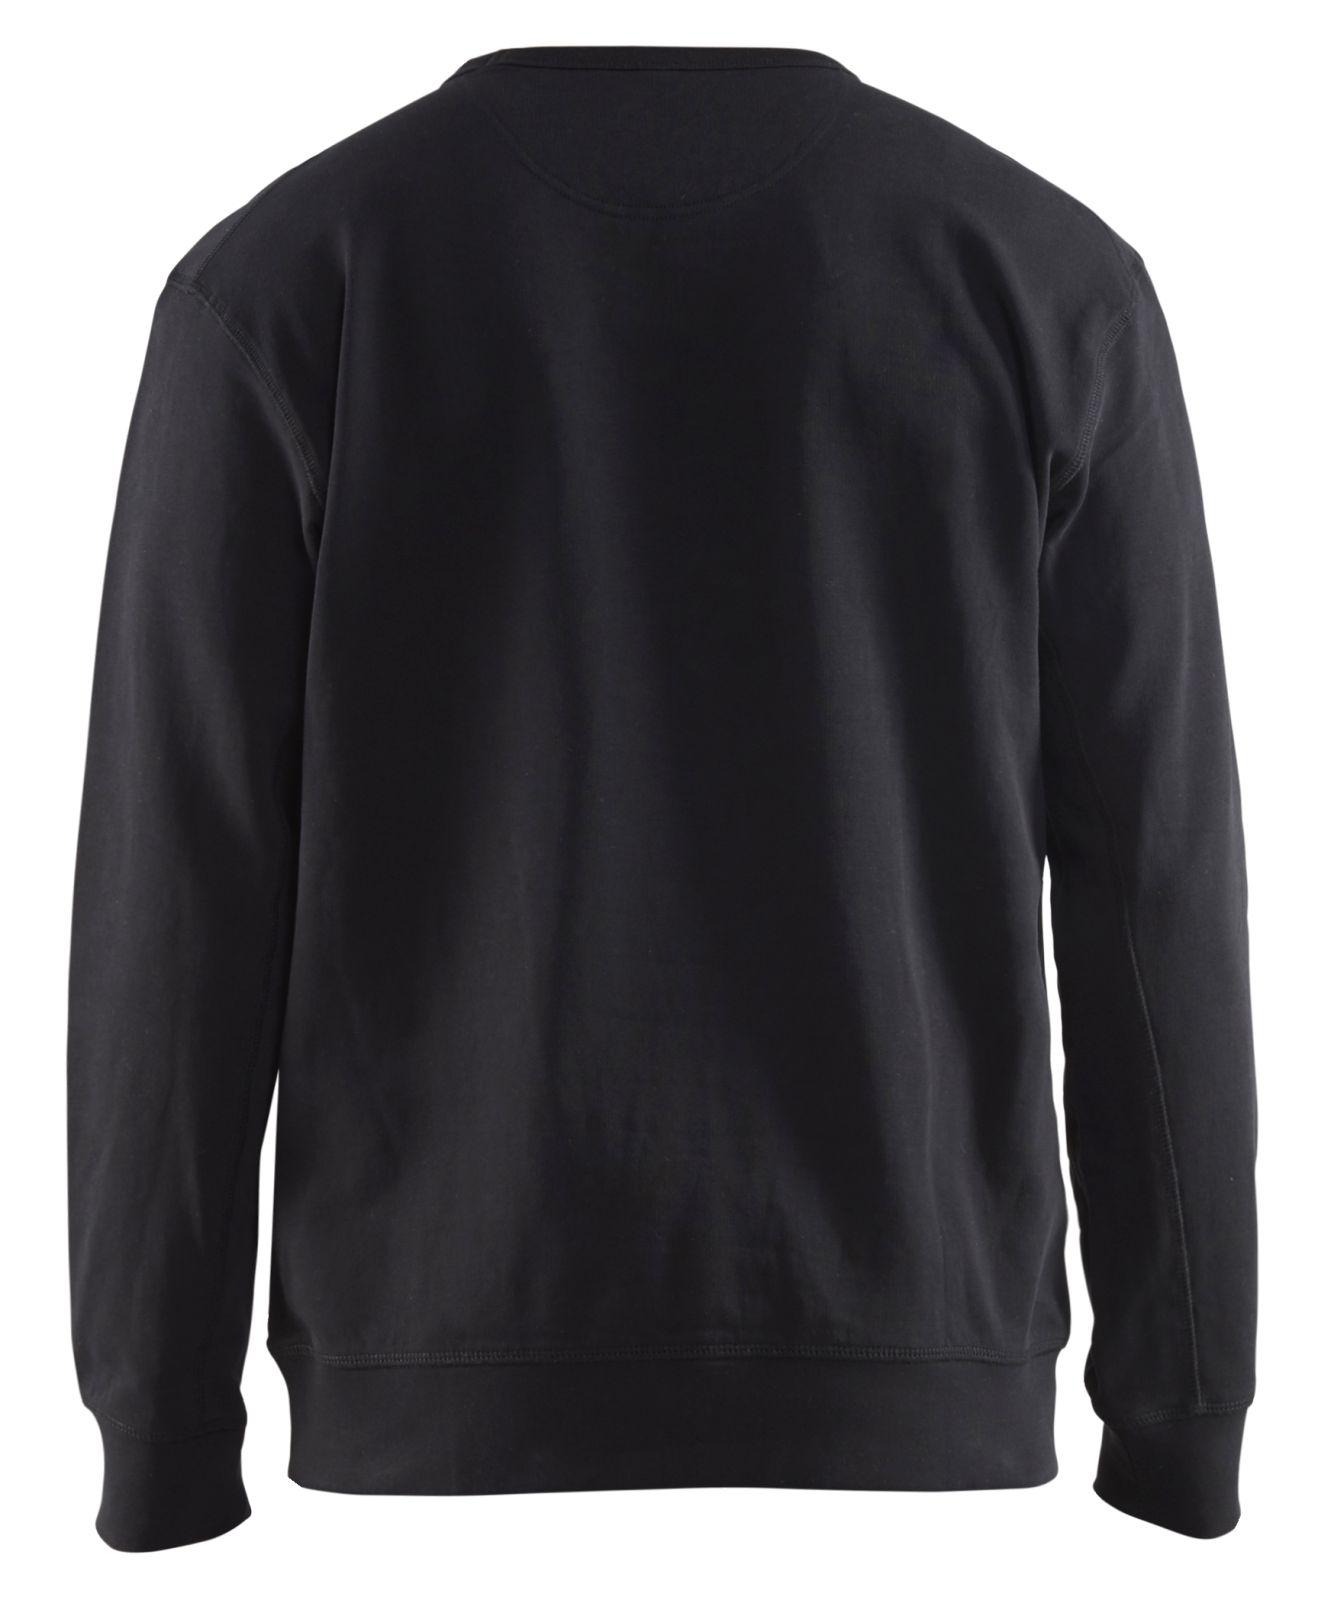 Blaklader Truien 91851158 zwart(9900)